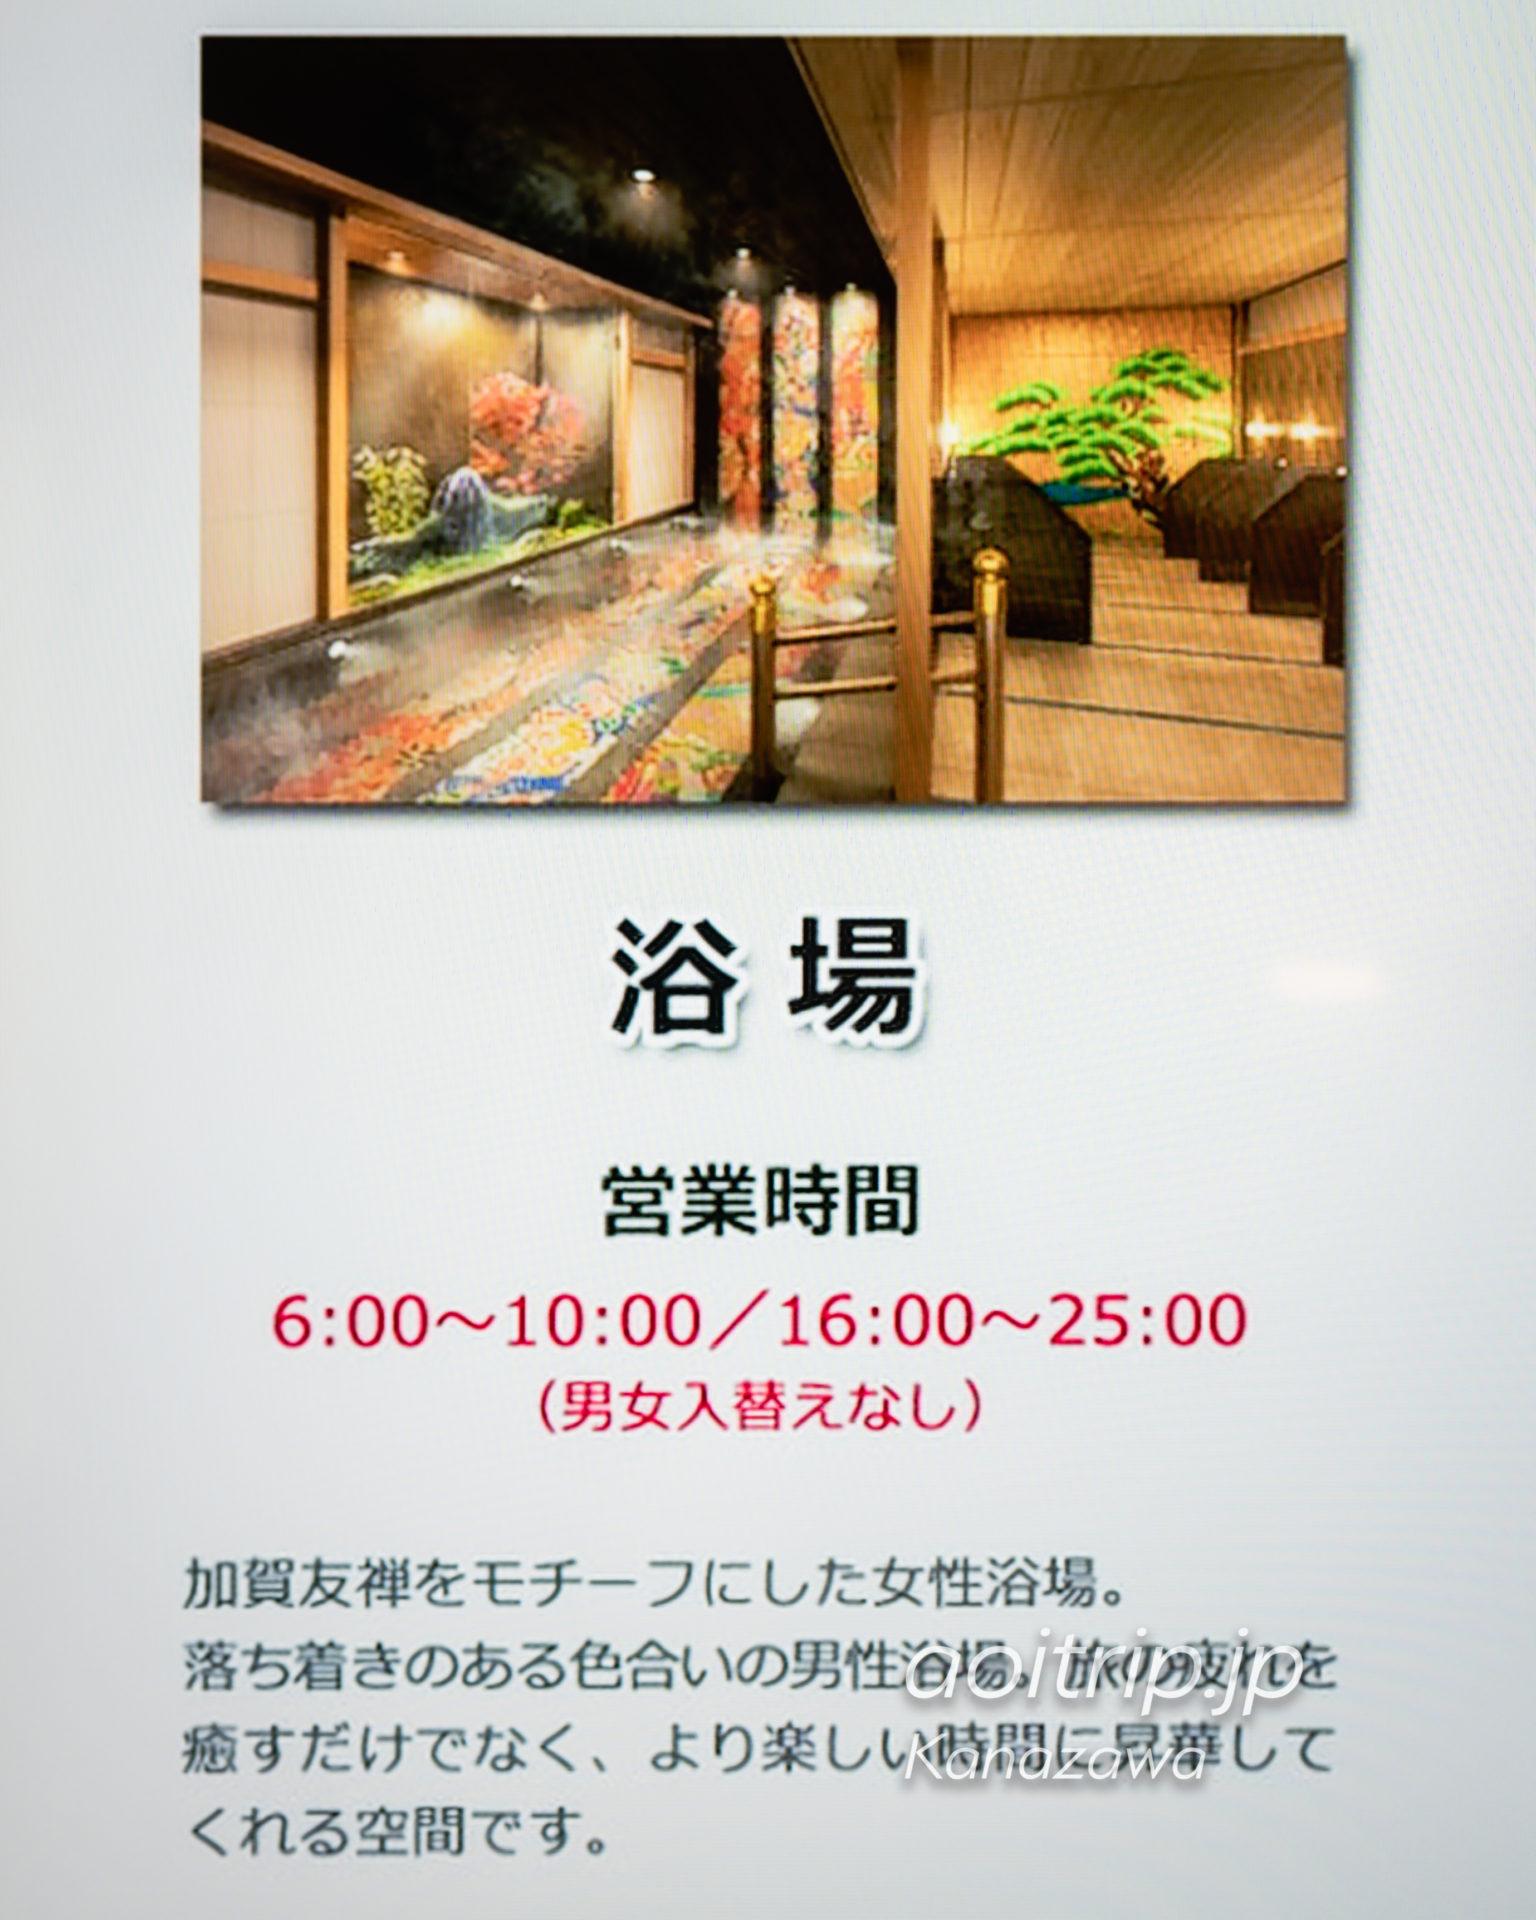 ダイワロイヤルホテルD-Premium金沢 大浴場